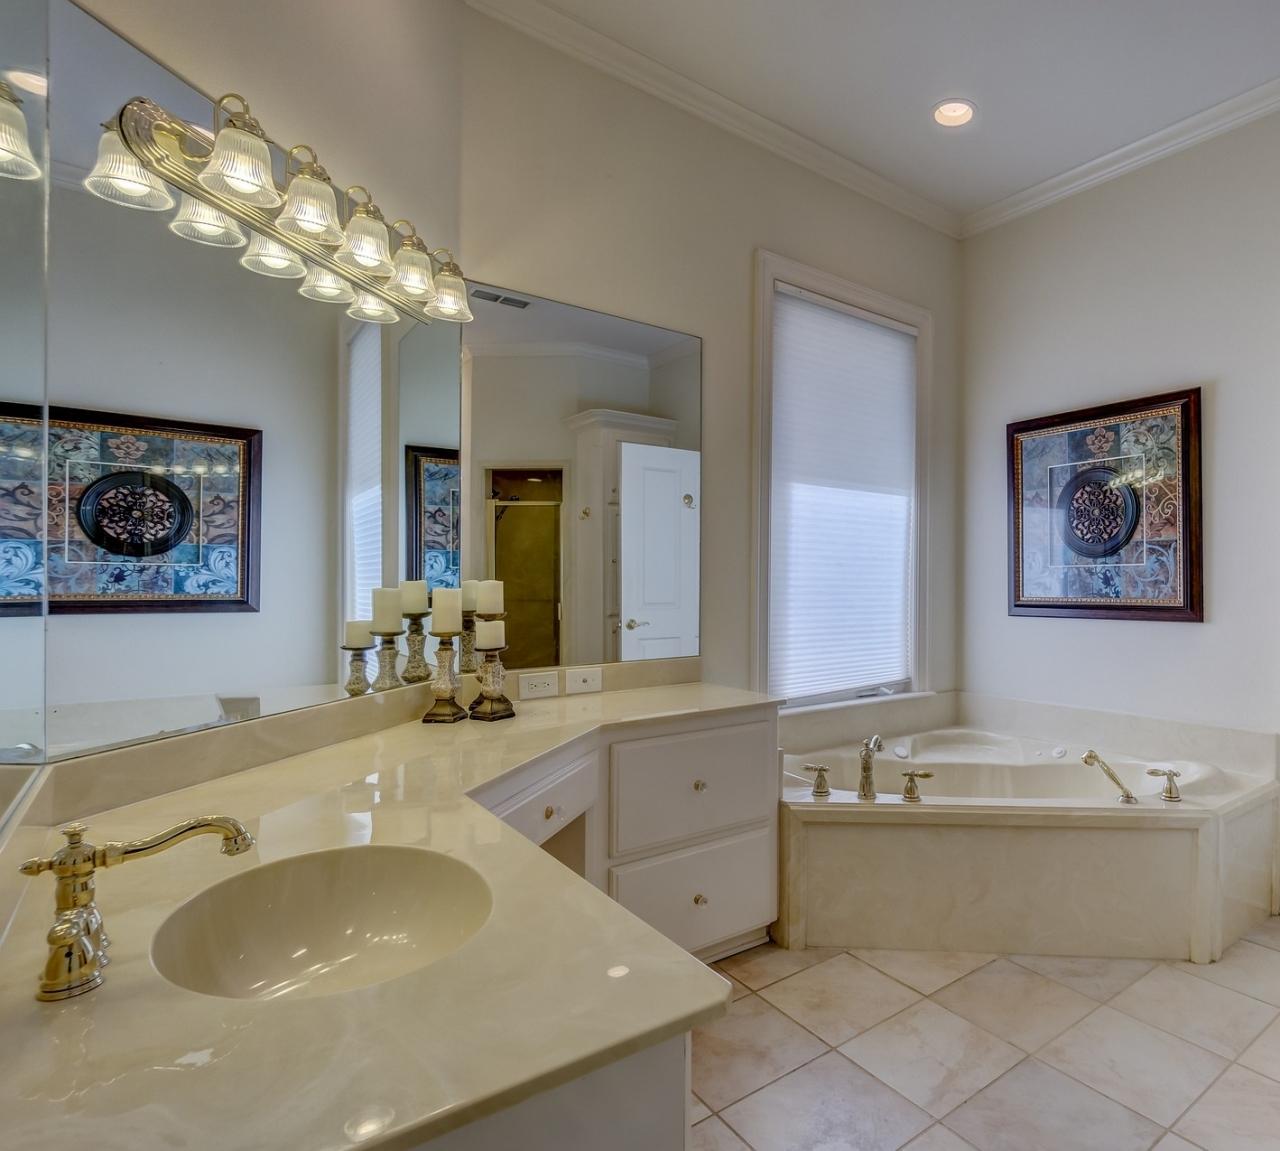 Vasche Da Bagno Piccole E Prezzi.Vasca Da Bagno Quale Scegliere Coniugando Estetica E Funzionalita